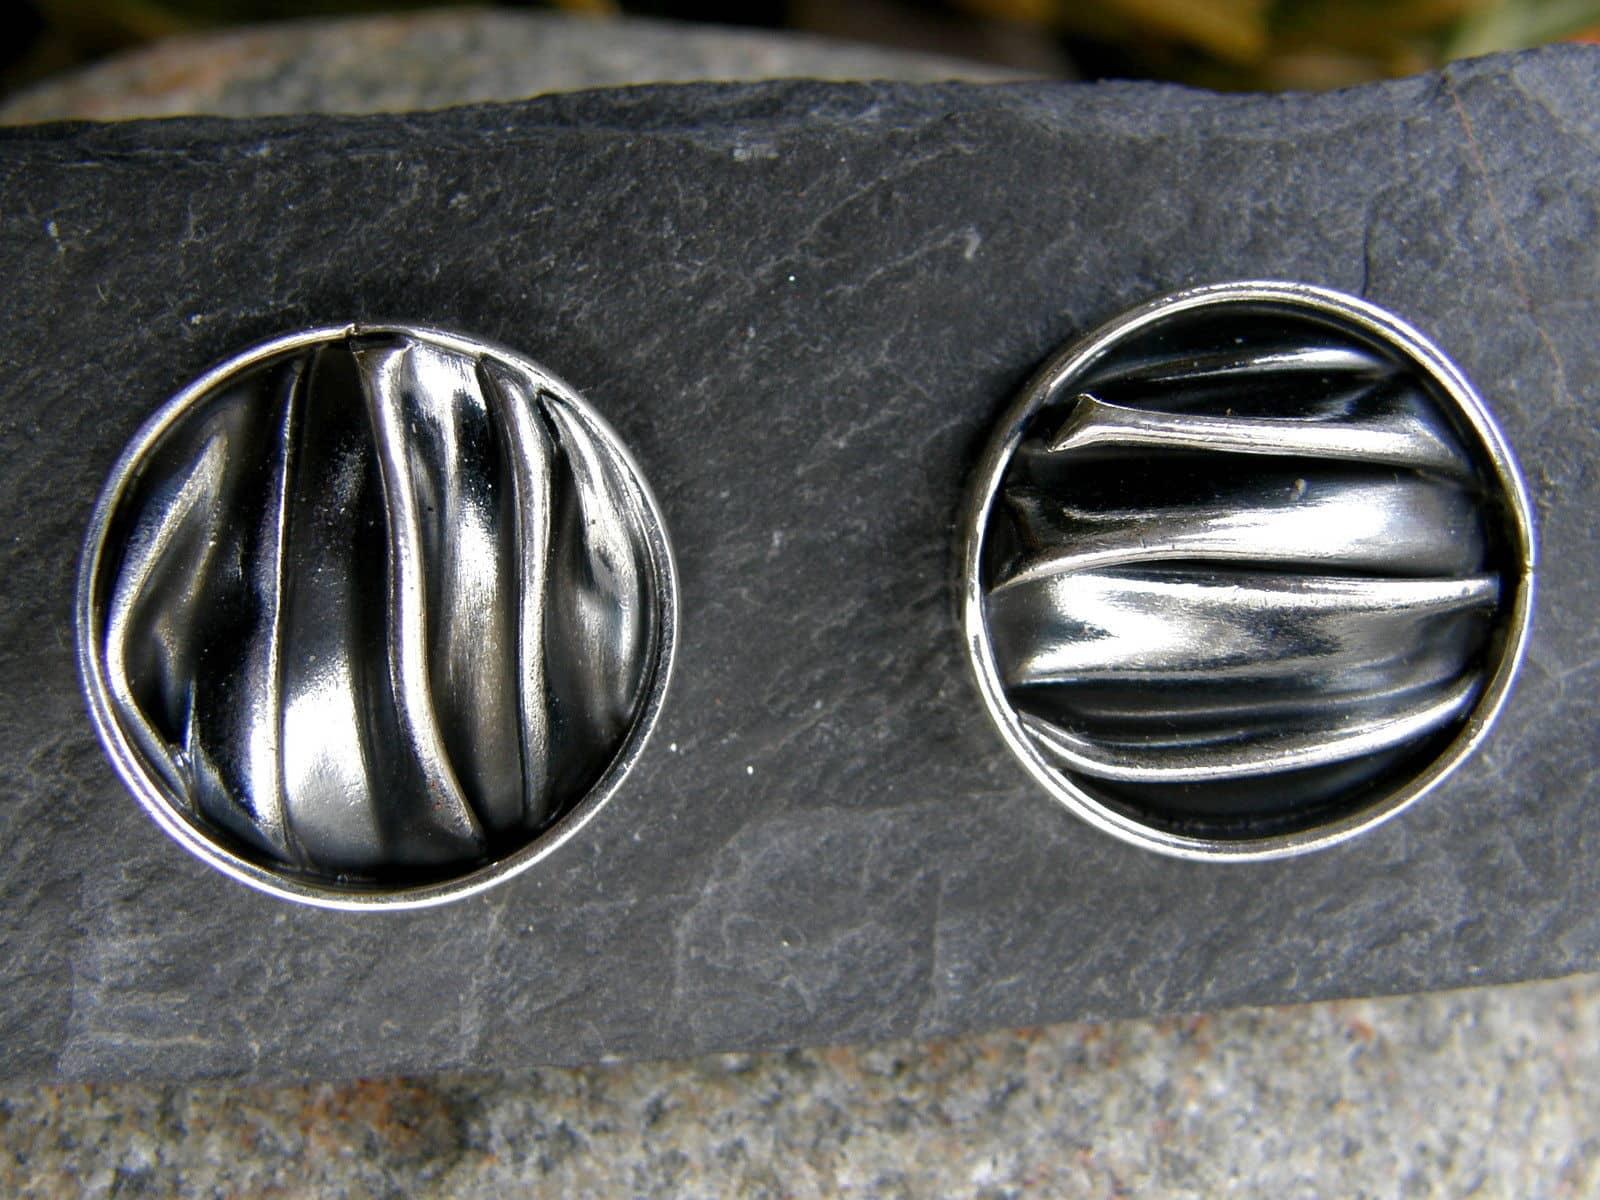 Ohrstecker Silber 925 runde Form gefaltet teilweise geschwärzt